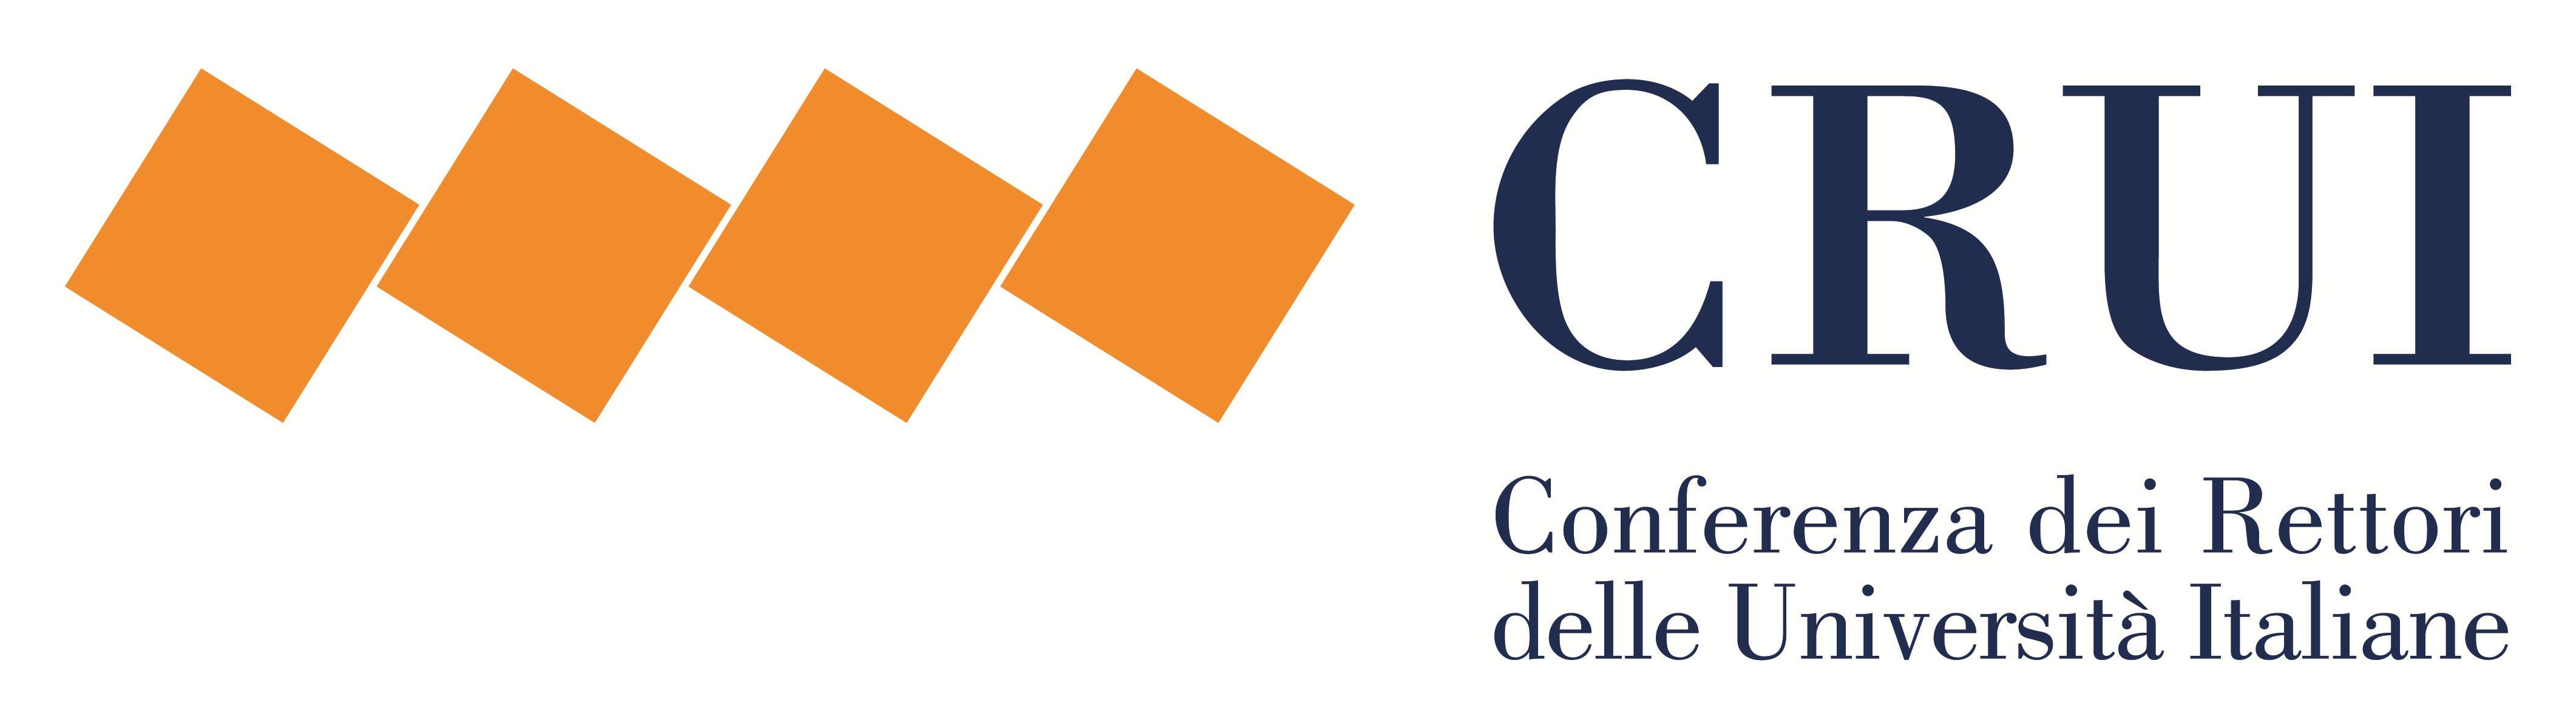 CRUI - Conferenza dei Rettori delle Universita italiane